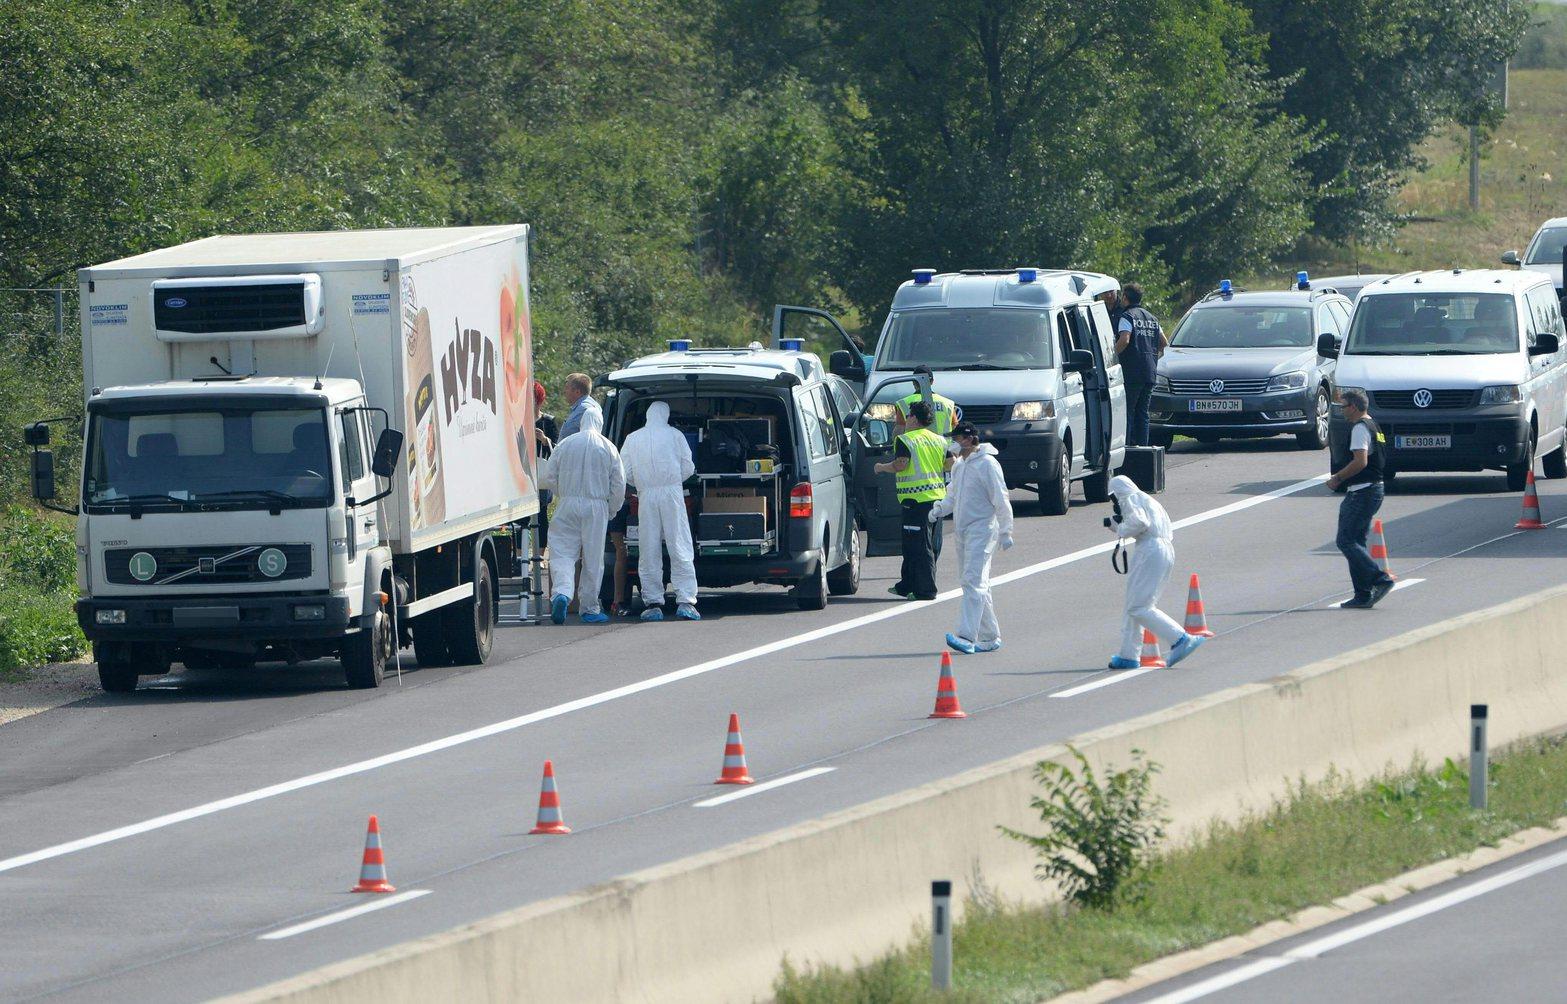 Védőruhába öltözött rendőrök egy teherautó mögött az A4-es autópályán Pandorf közelében 2015. augusztus 27-én. A teherautóban menekültek holttestére bukkantak.  Egyes sajtóértesülések szerint akár az ötvenet is elérheti a halottak száma. (MTI/EPA/Roland Schlager)